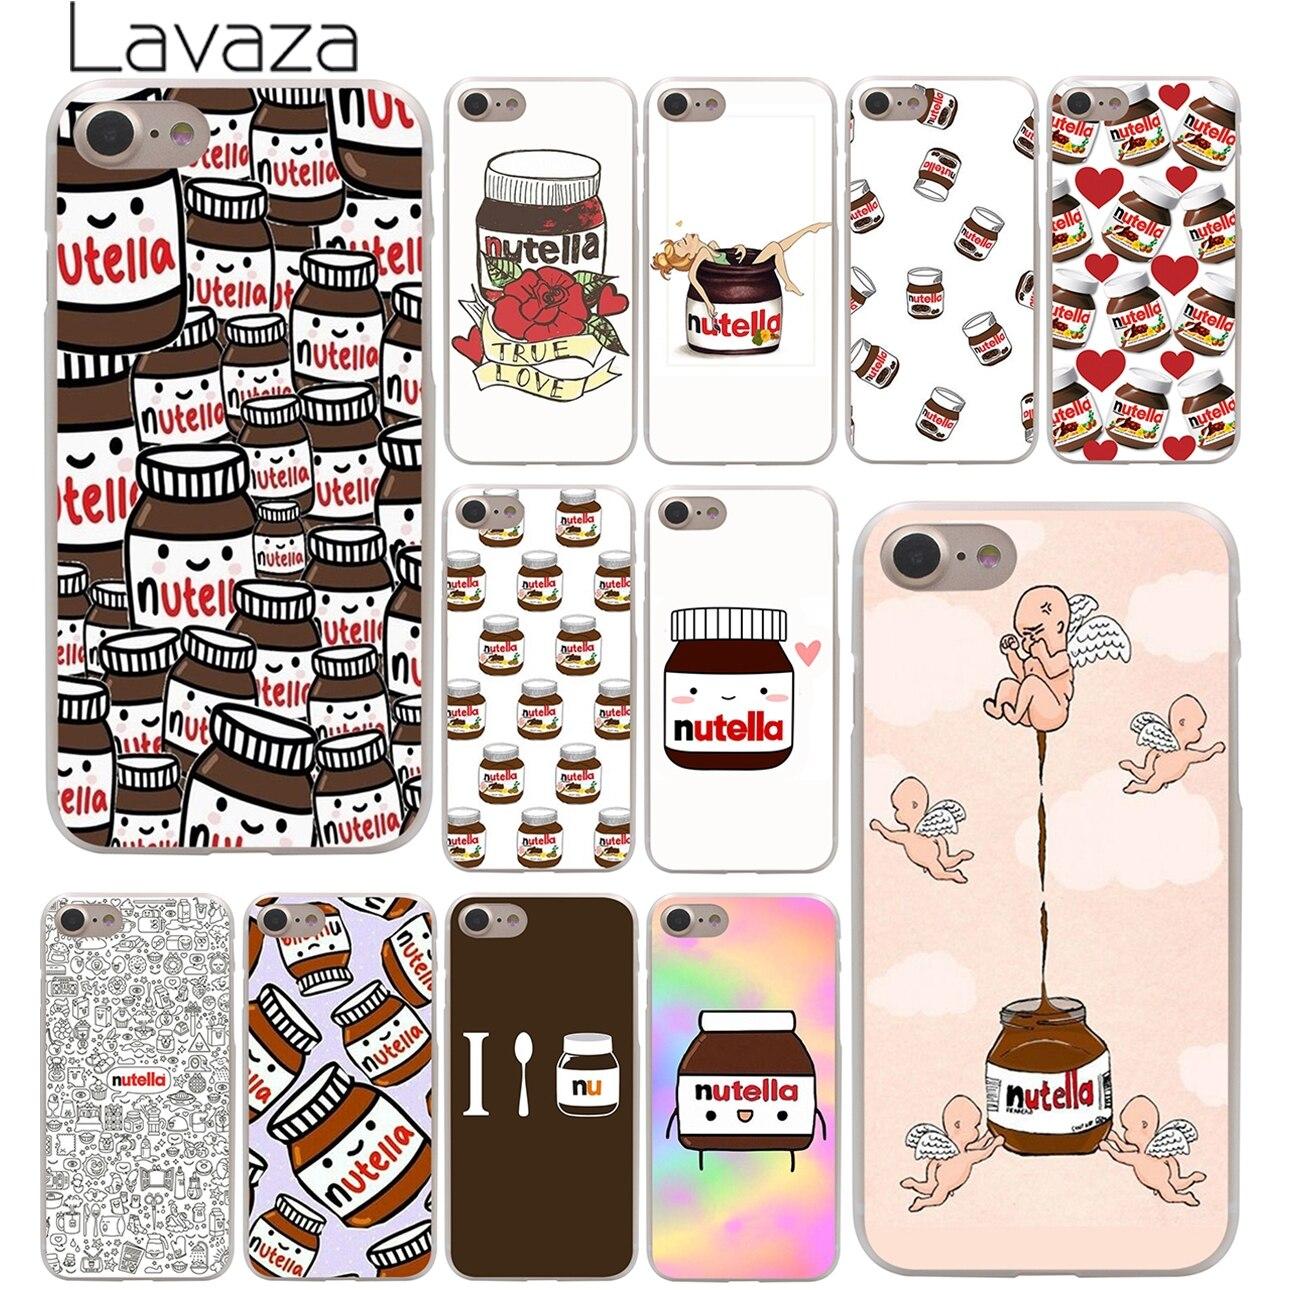 chocolate Food Tumblr Nutella Hard Case Transparent for iPhone 7 7 Plus 6 6s Plus 5 5S SE 5C 4 4S